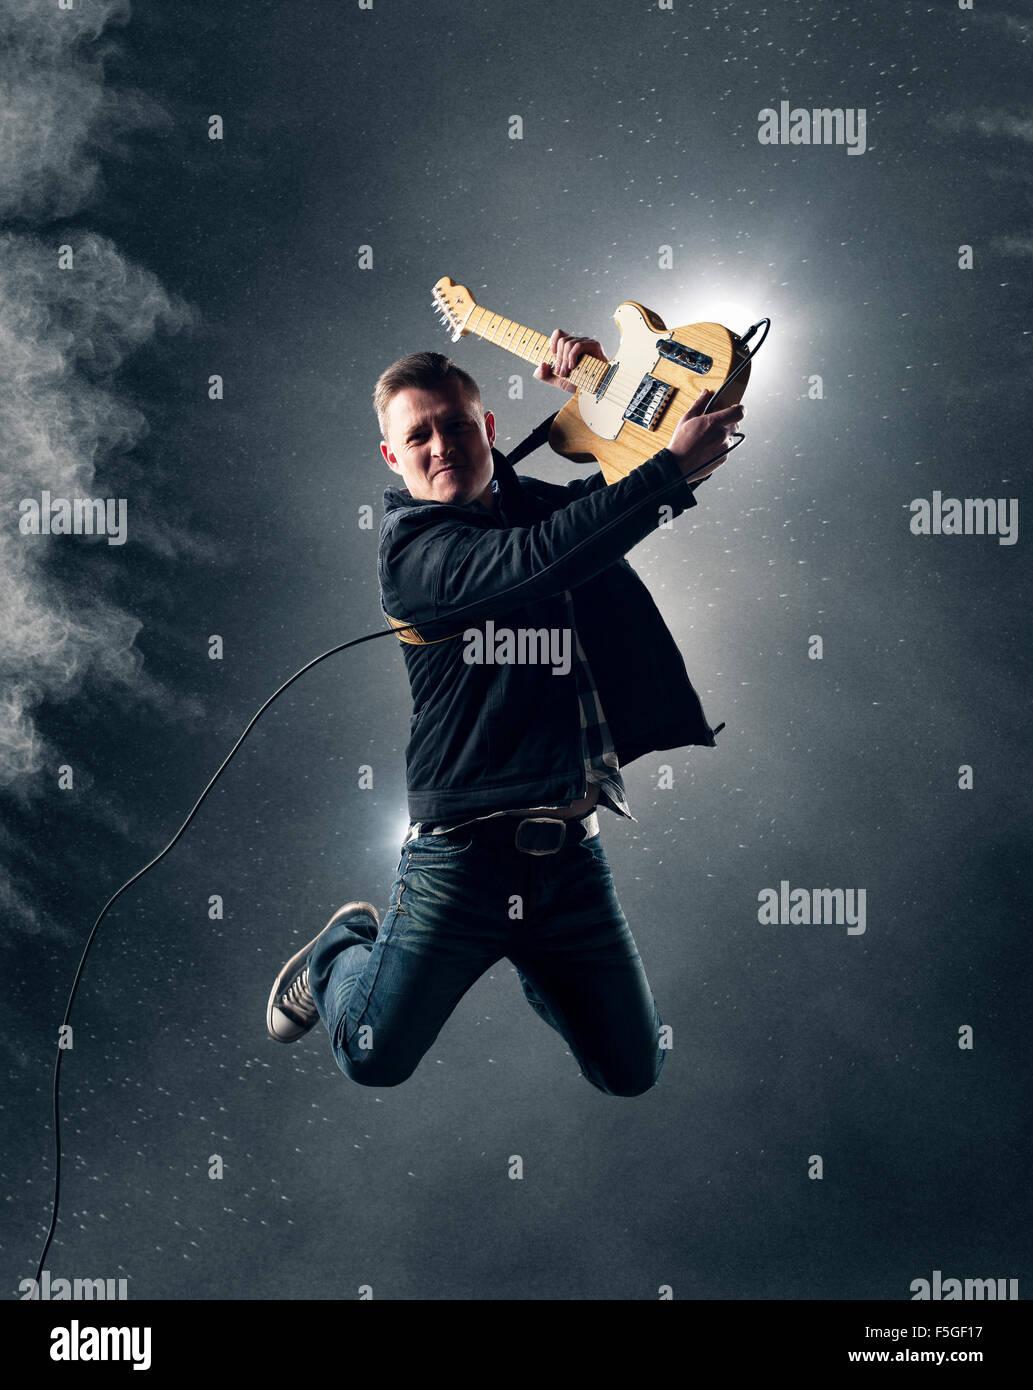 Rock und Roll-Gitarrist springt mit e-Gitarre mit Rauch und Pulver im Hintergrund Stockbild